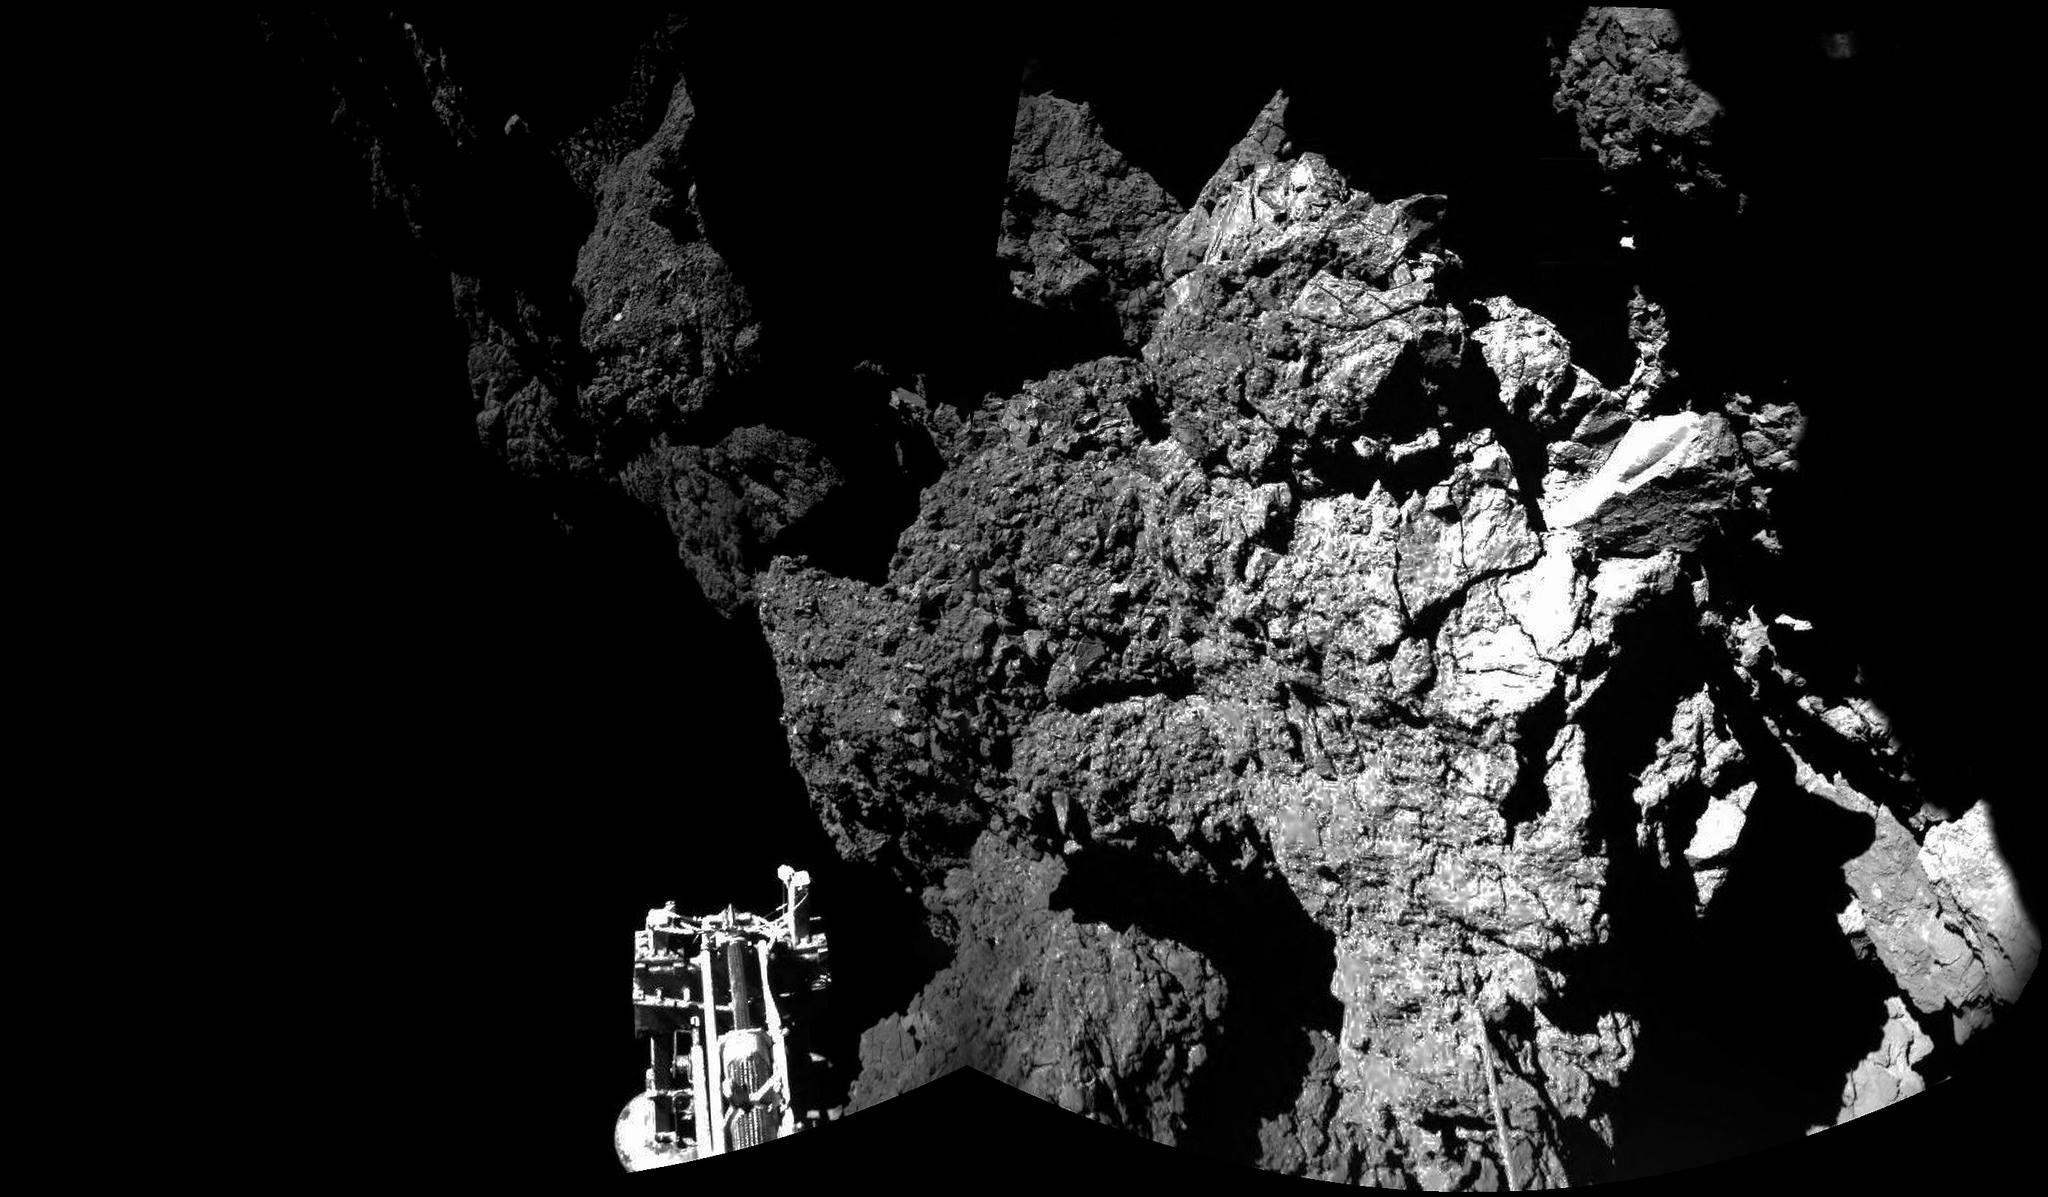 Missione Rosetta: il rover Philae è veramente compromesso o la missione può proseguire?